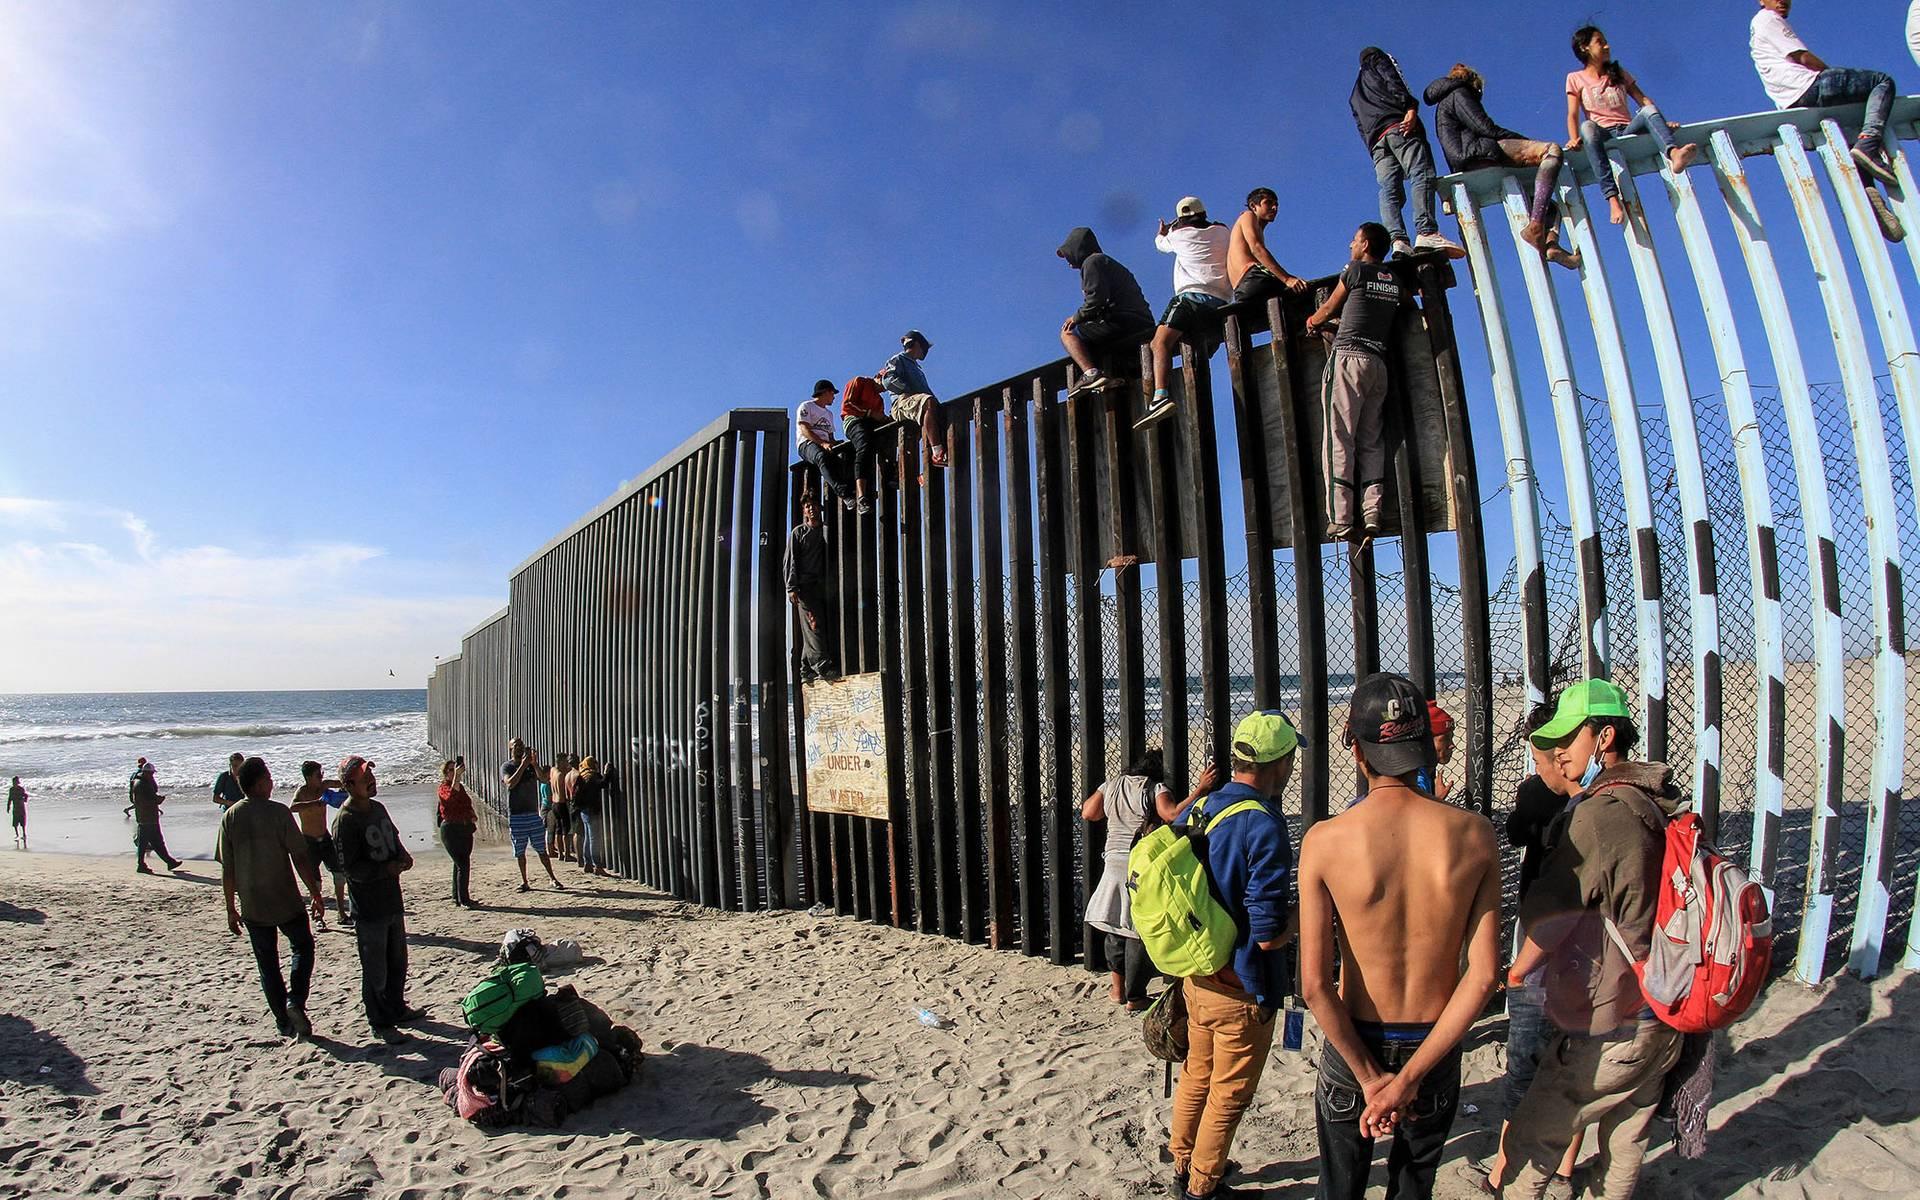 Майже 15 років потому — мігранти із країн Центральної Америки біля прикордонної стіни в Тіхуані, Мексика, 13 листопада 2018 року. Для сотень біженців стіна, яка розмежовую Тіхуану з американським Сан-Дієго є останнім бар'єром до нелегального в'їзду у США